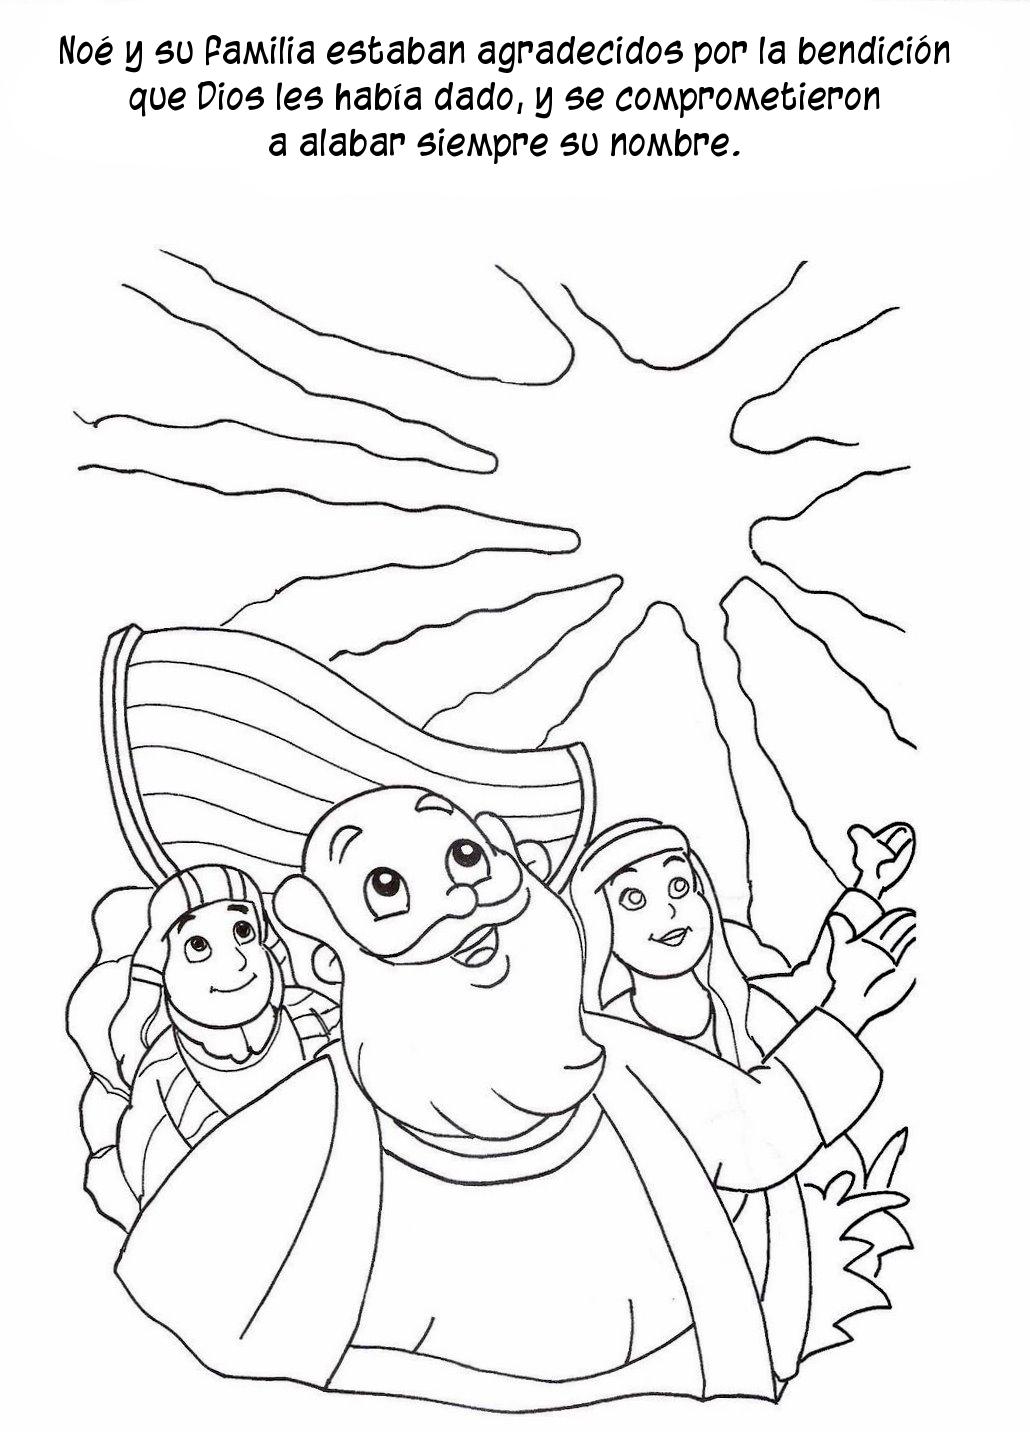 Compartiendo por amor: Historia Arca Noé en dibujos